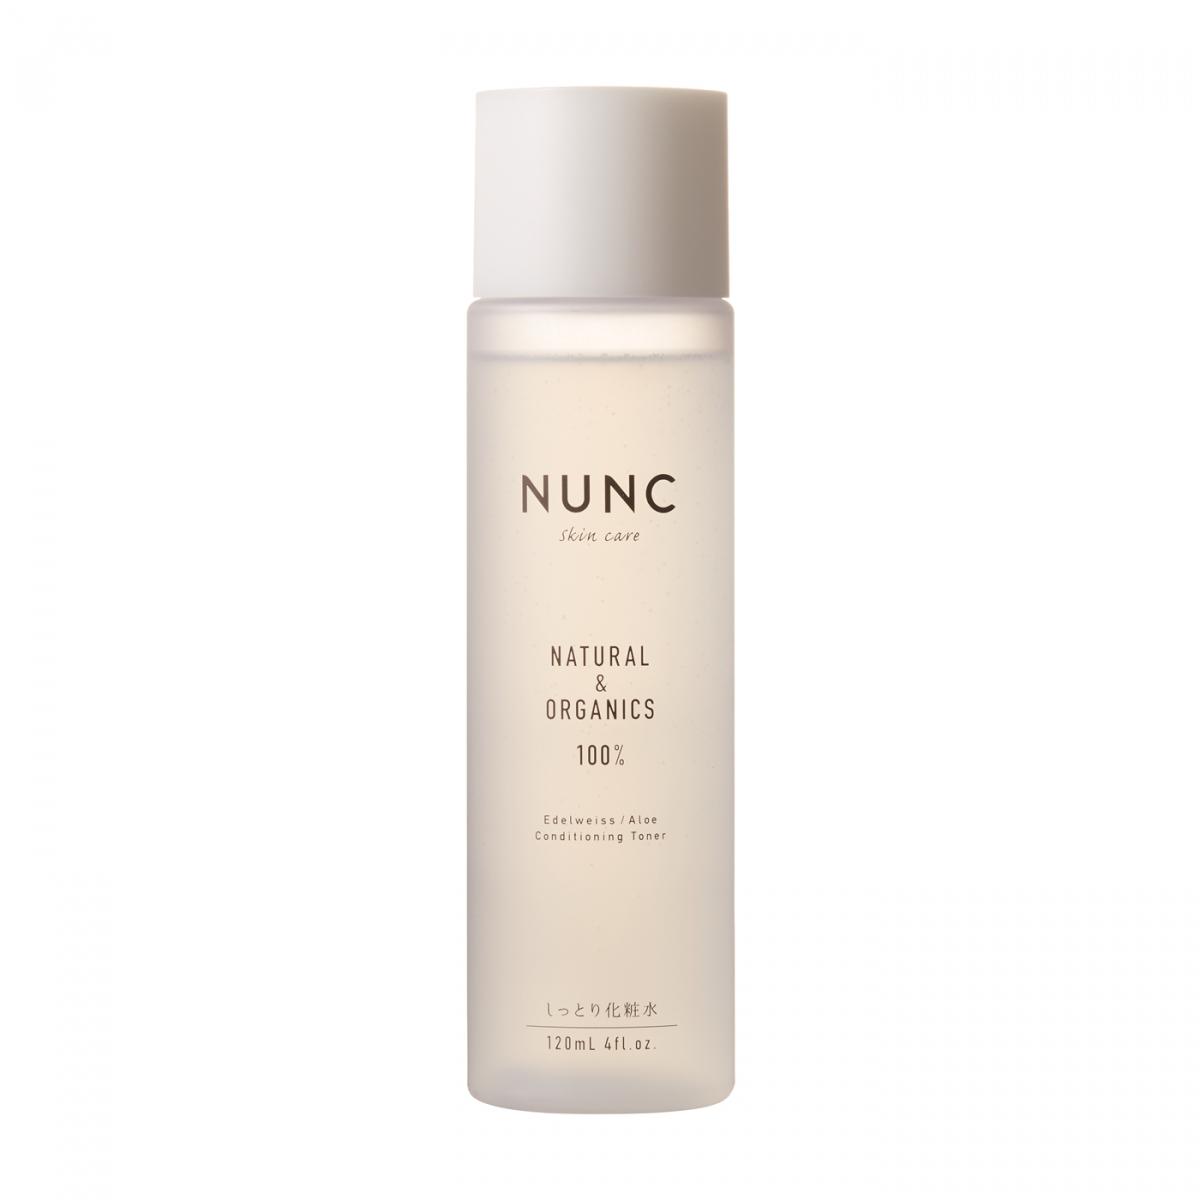 NUNC(ヌンク) ダッシングディバインターナショナル コンディショニングトナー